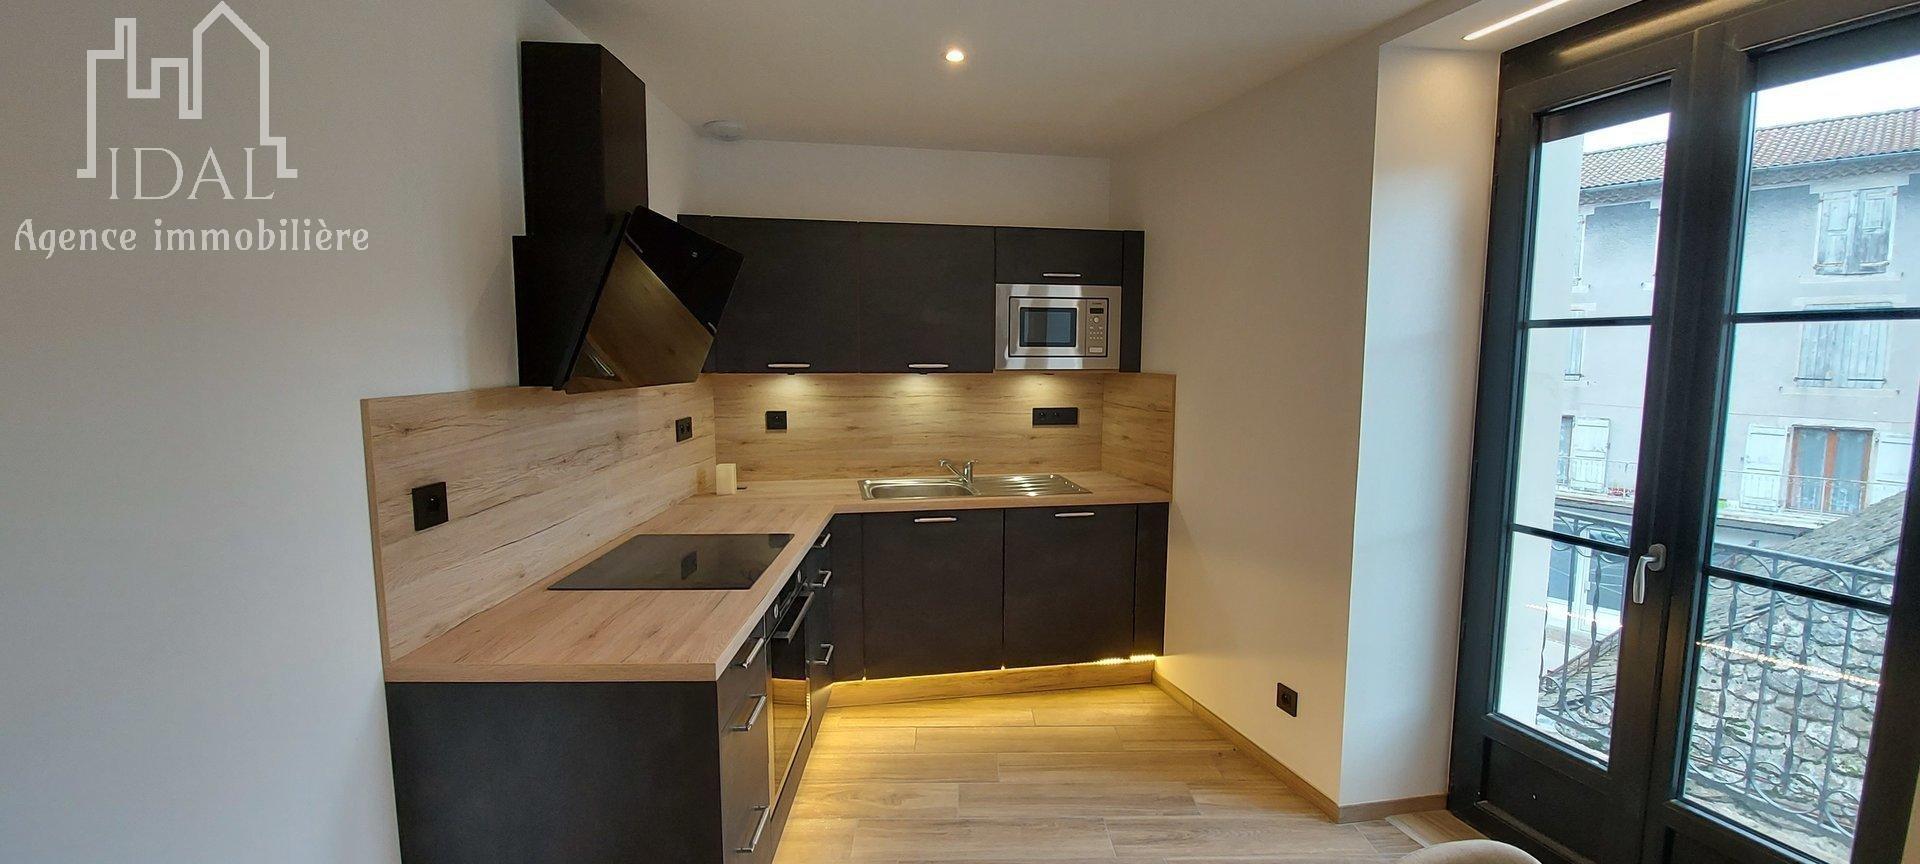 Appartement - Langogne